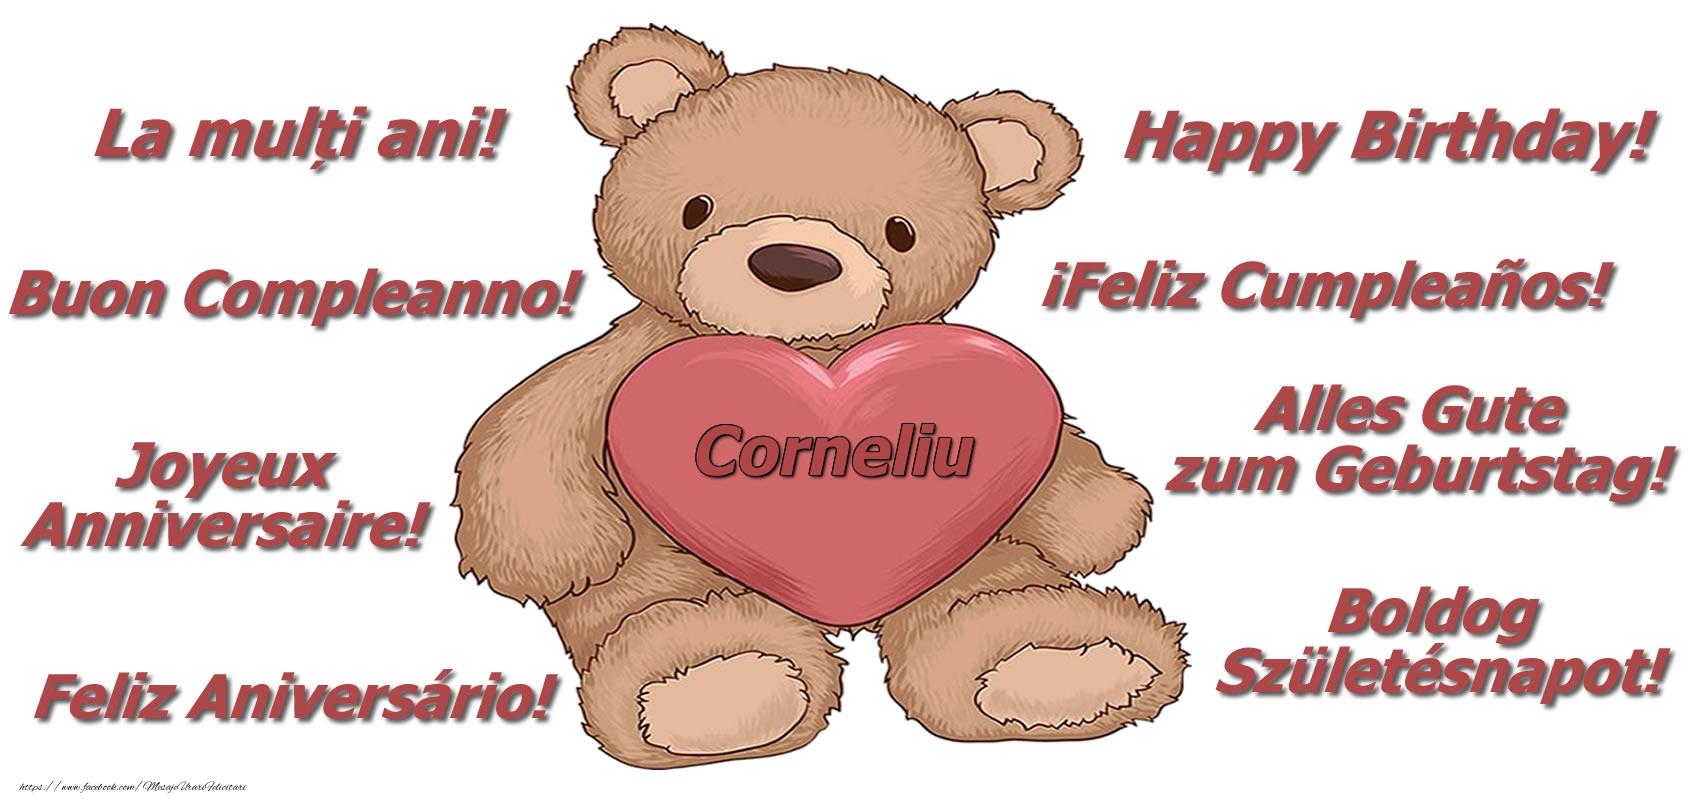 Felicitari de zi de nastere - La multi ani Corneliu! - Ursulet